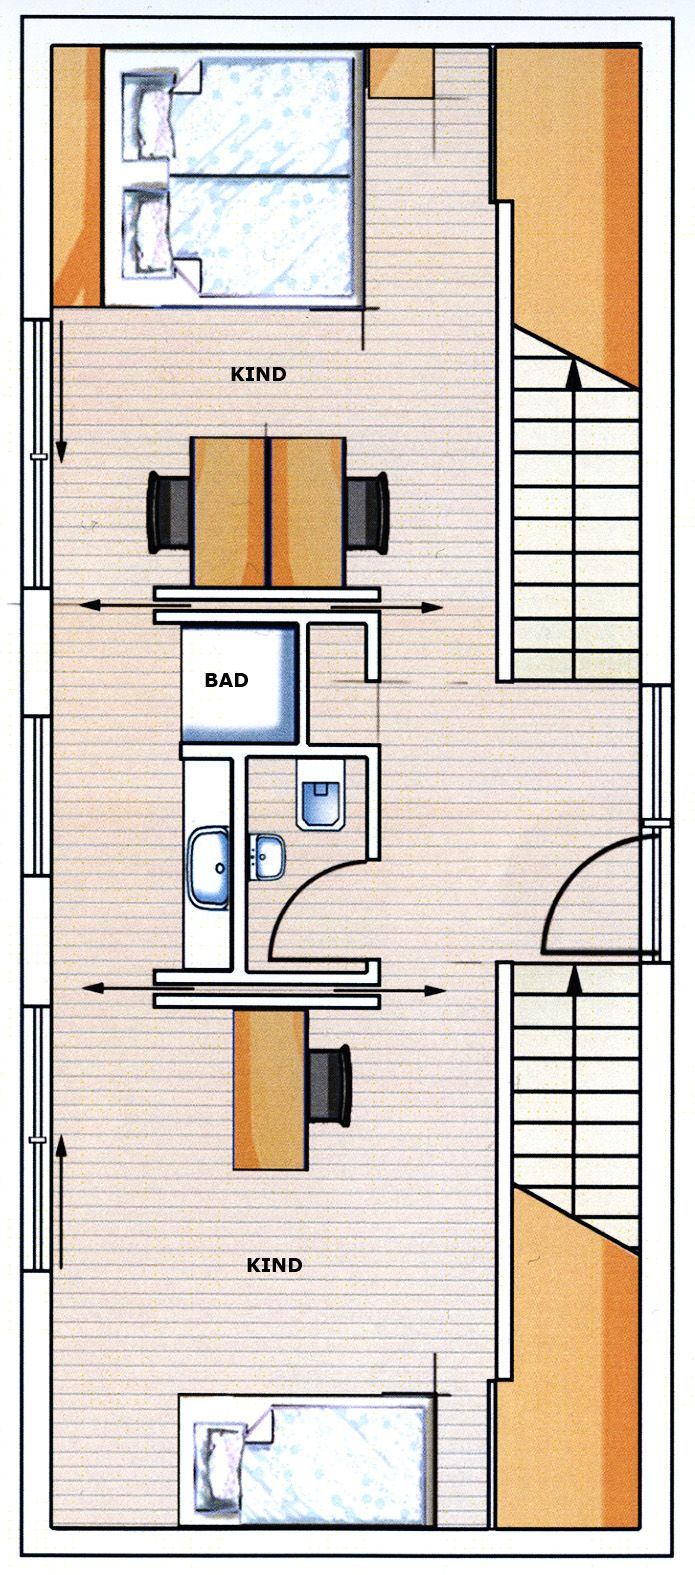 Kreativ geplant Mit Hang zum Glck  Neubau  Hausideen so wollen wir bauen in 2019  House